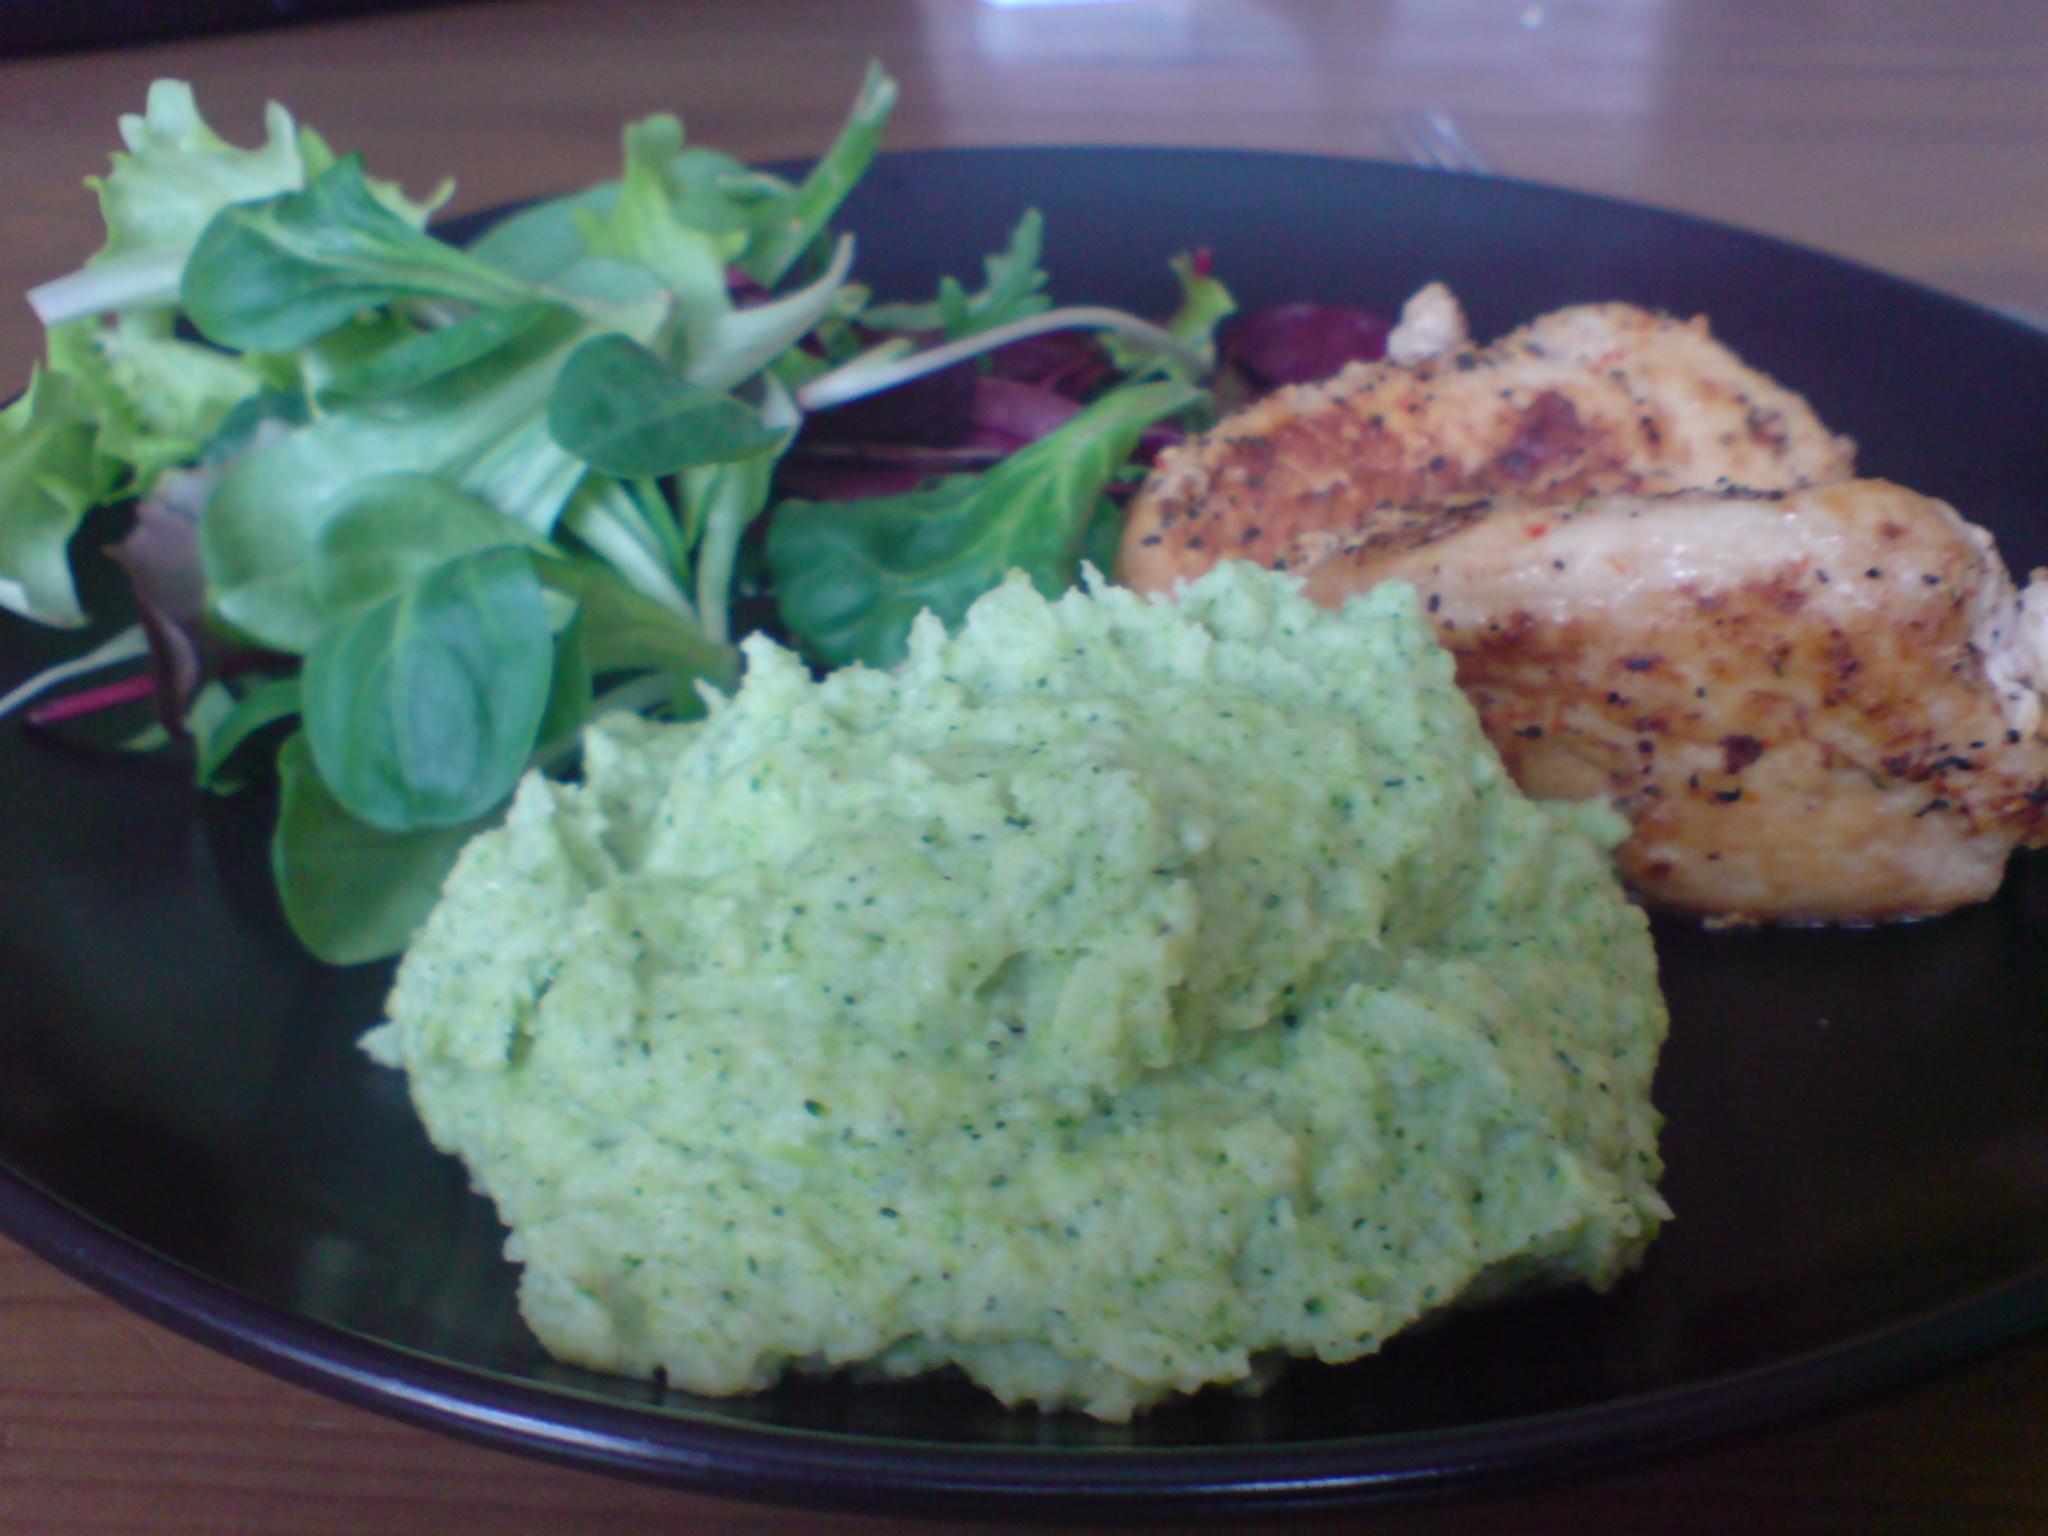 Blomkål och broccolimos med grillad kyckling LCHF